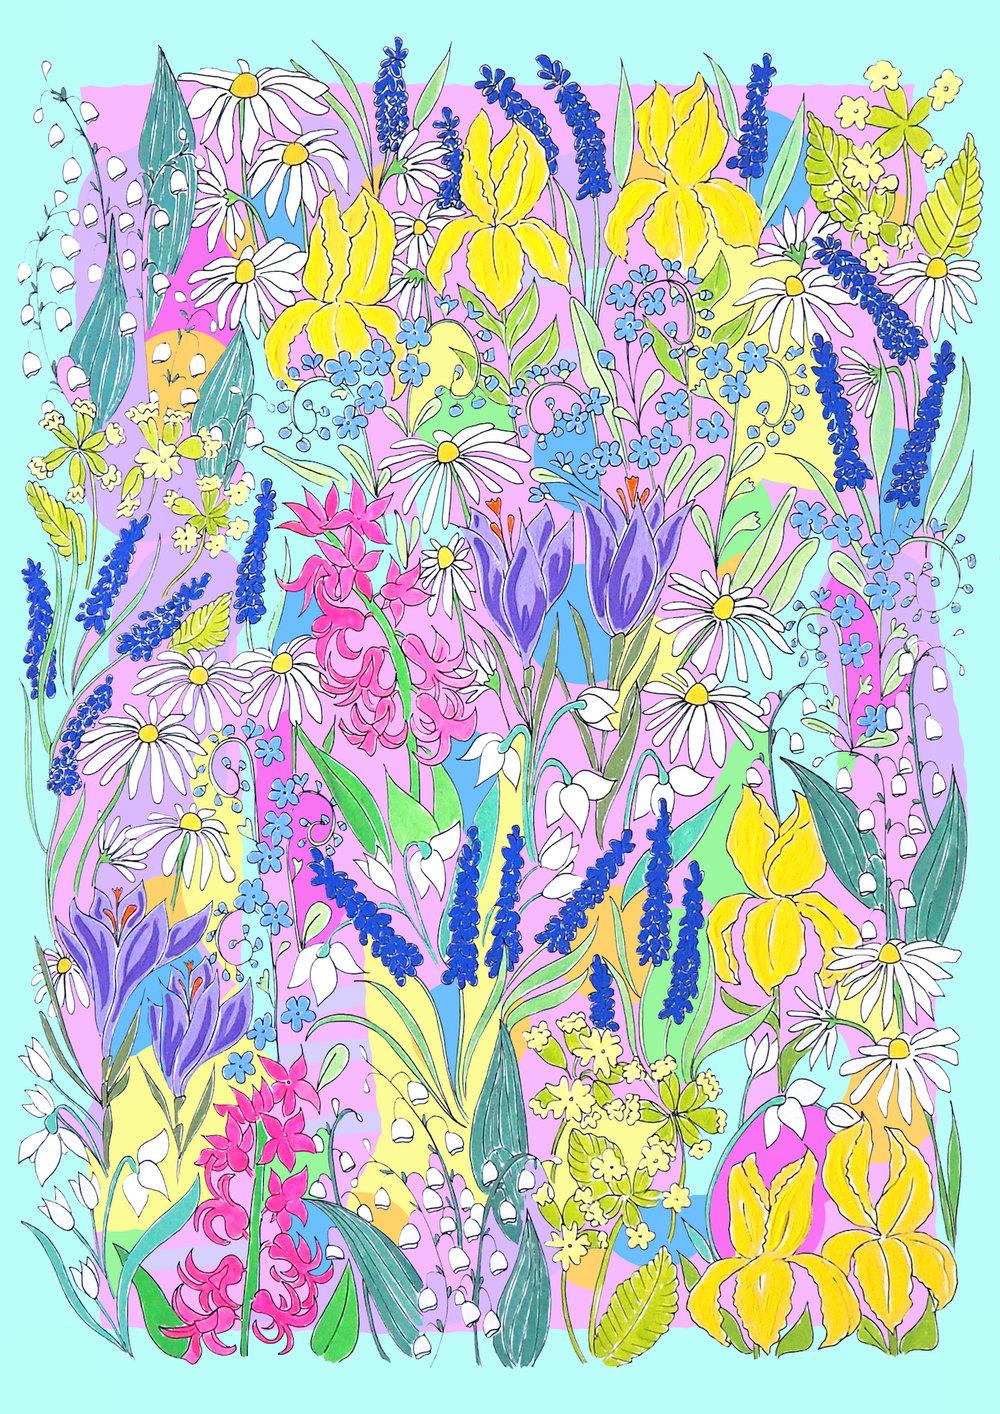 Spring flowers background multicoloured.jpg